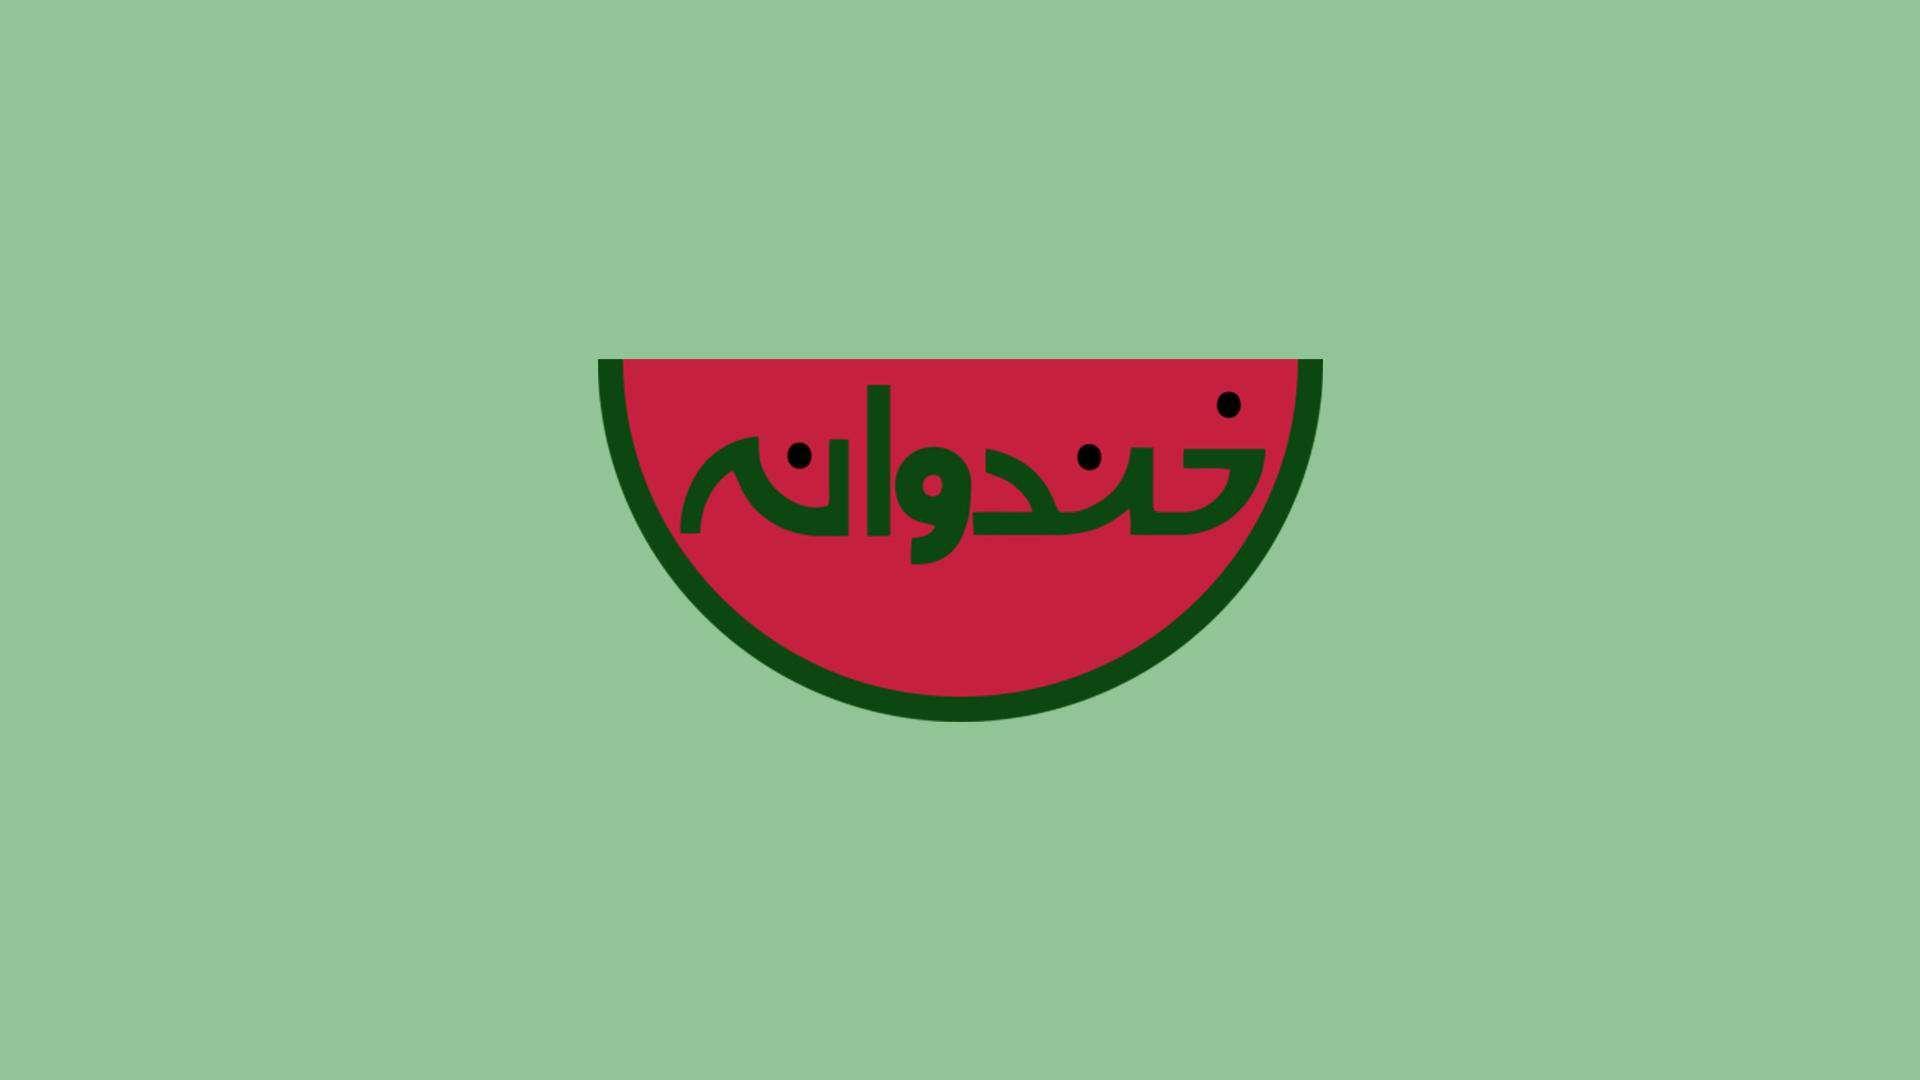 اجراى موسیقى آذربایجانى در خندوانه